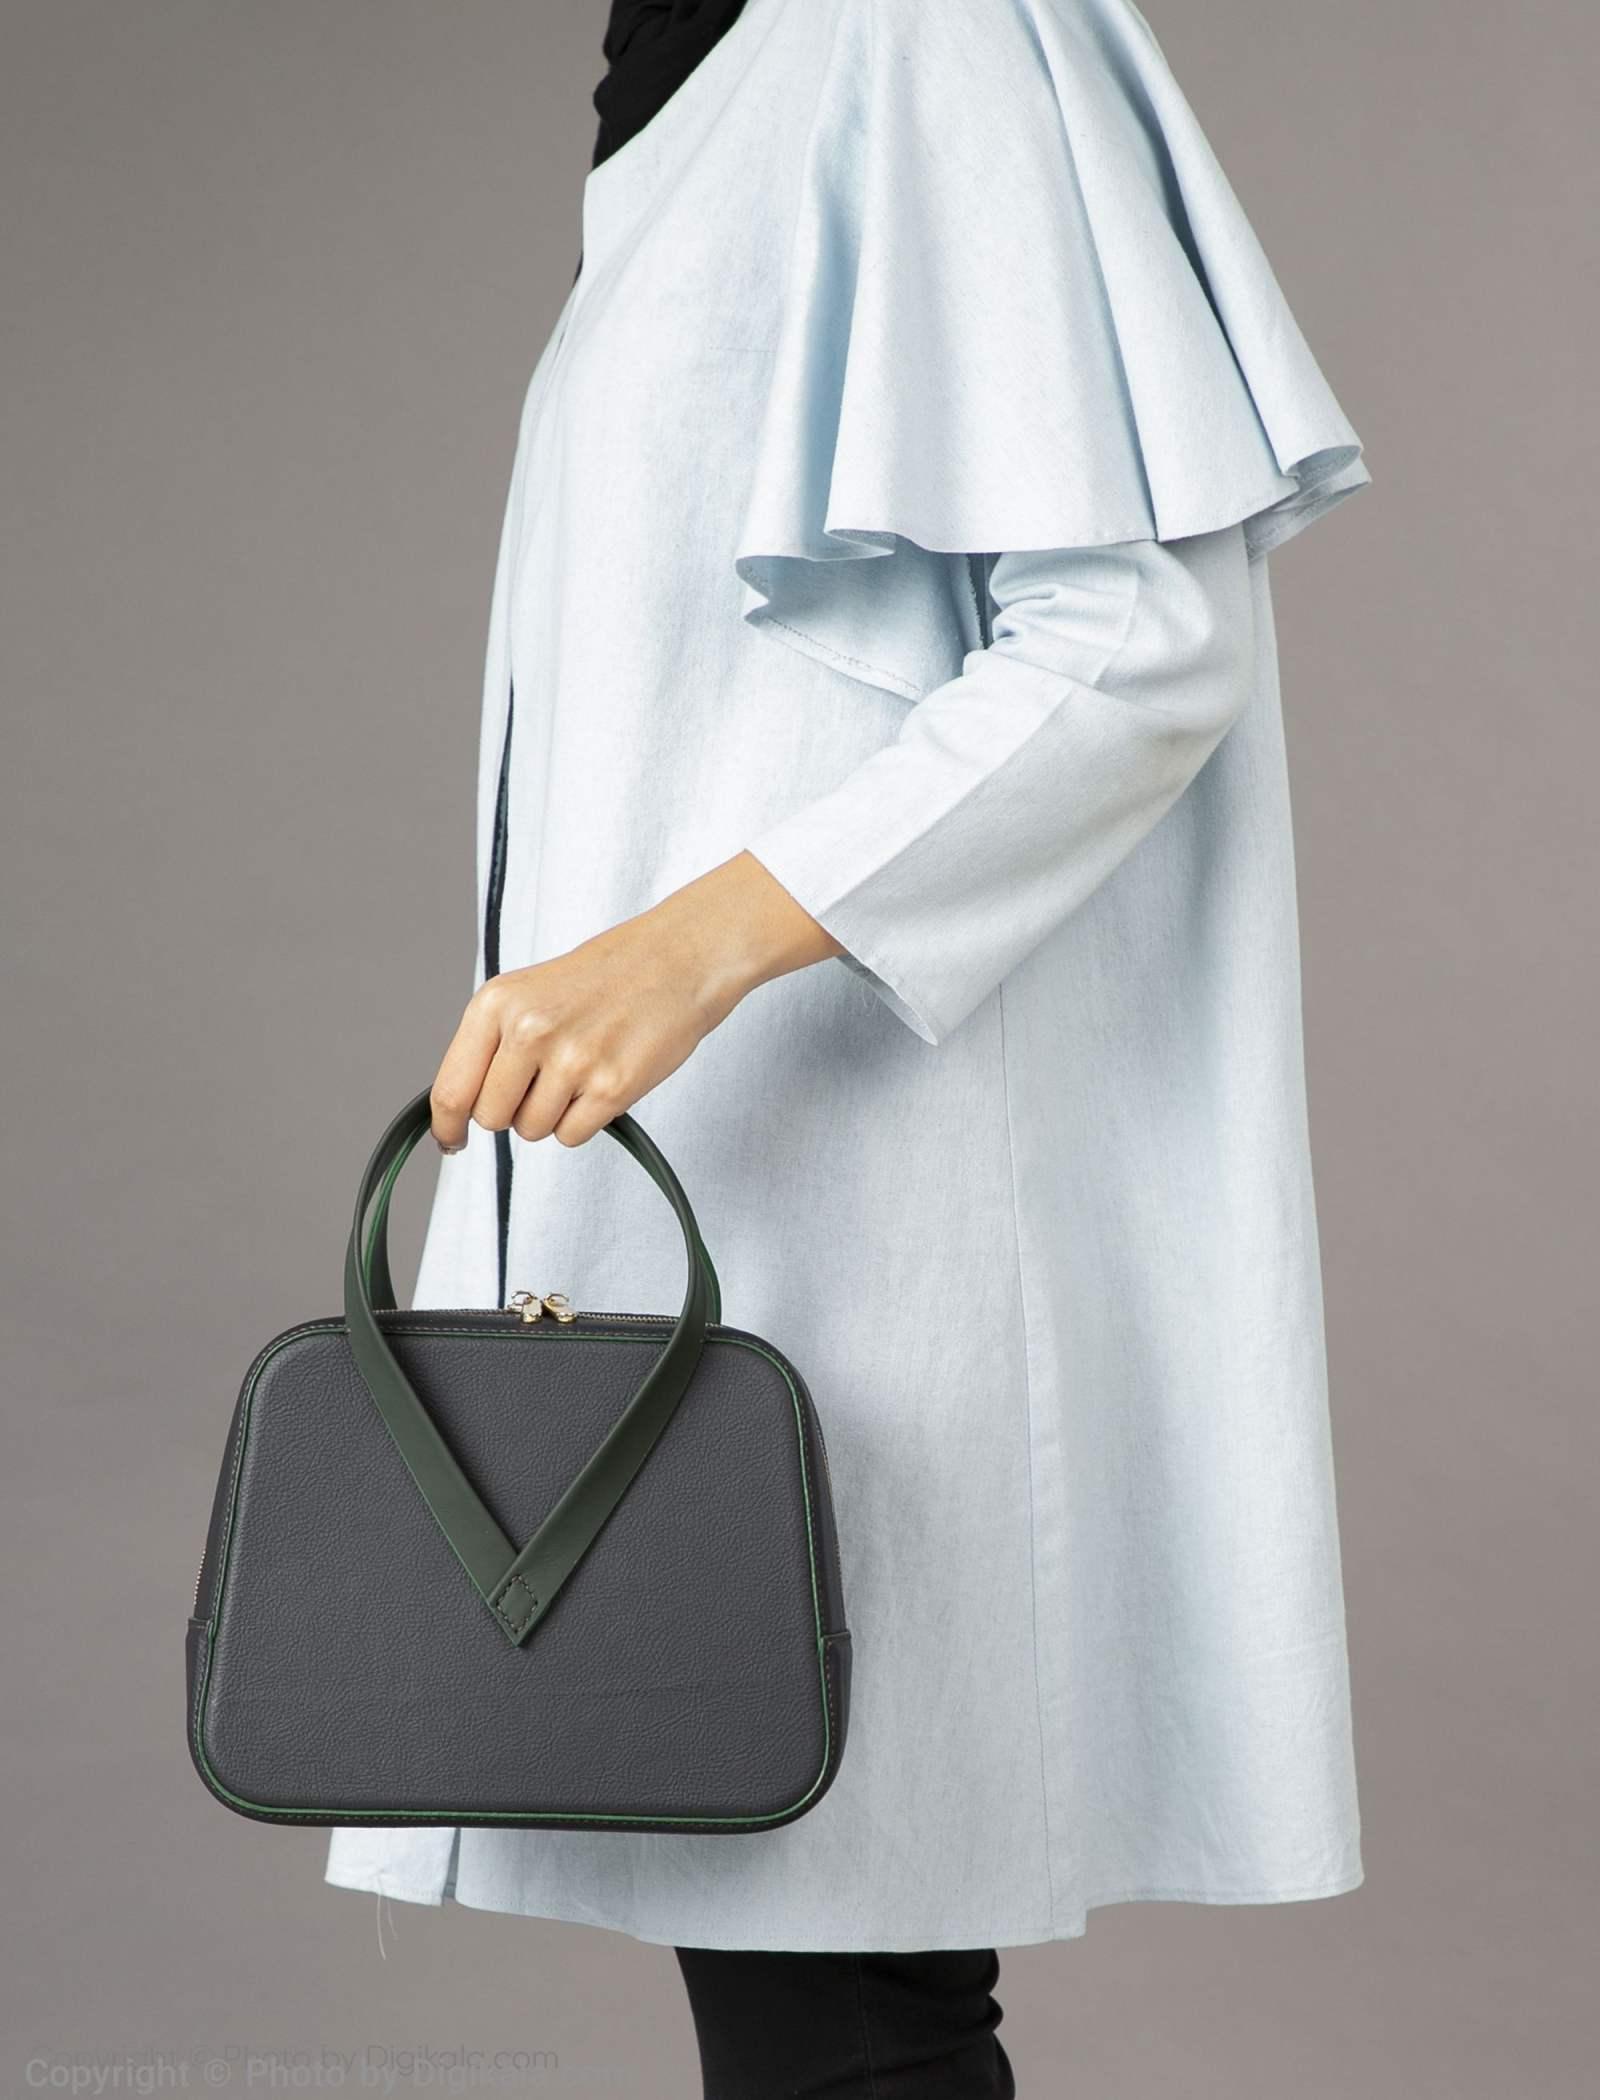 کیف دستی زنانه دیو مدل 1573100-99 -  - 4